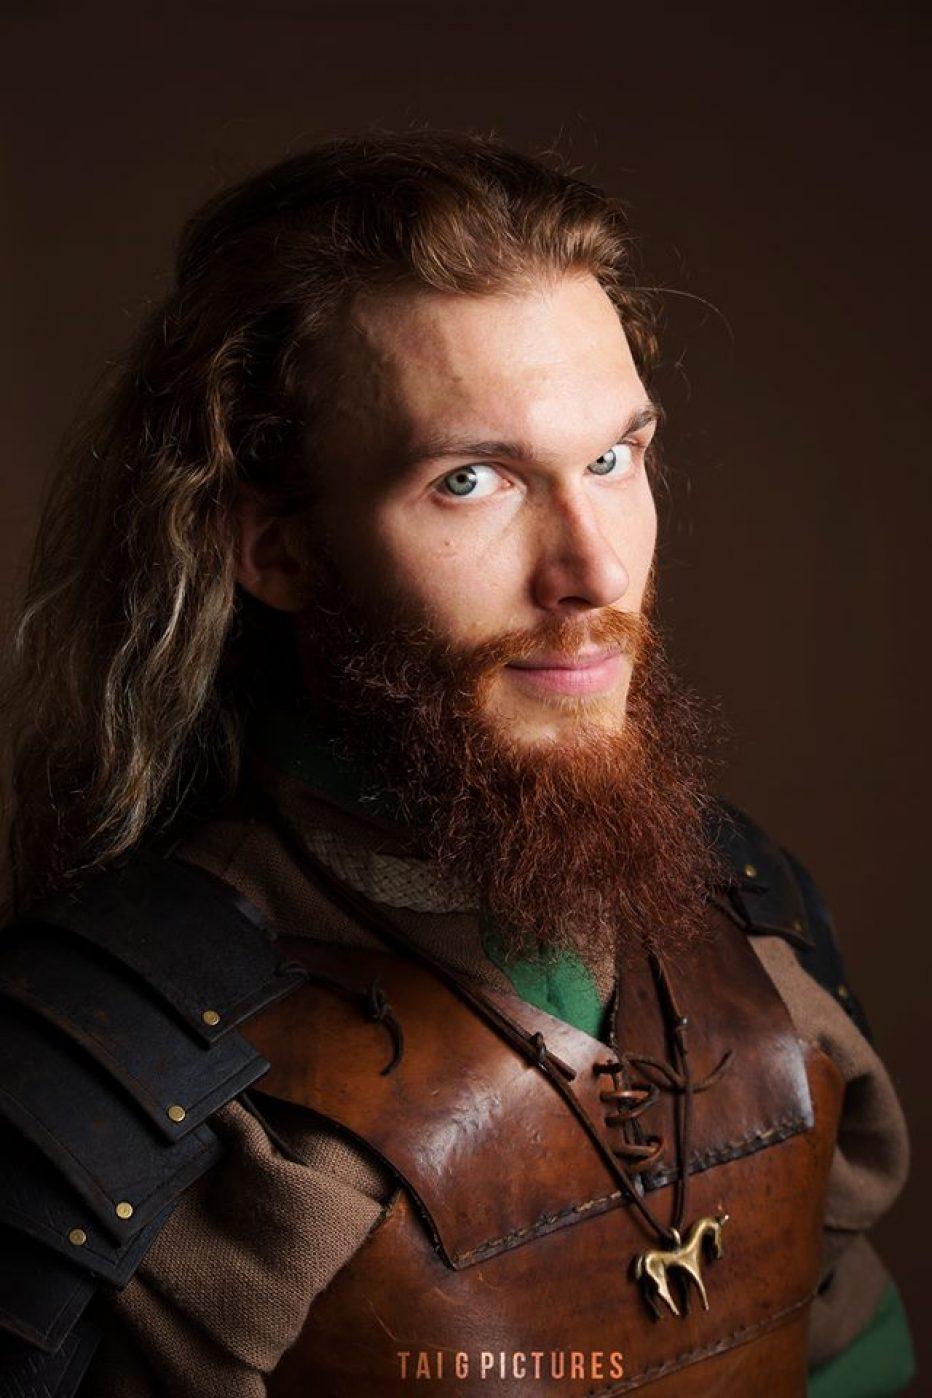 The-Lord-of-the-Rings-Rohirrim-Cosplay-Gamers-Heroes-2.jpg